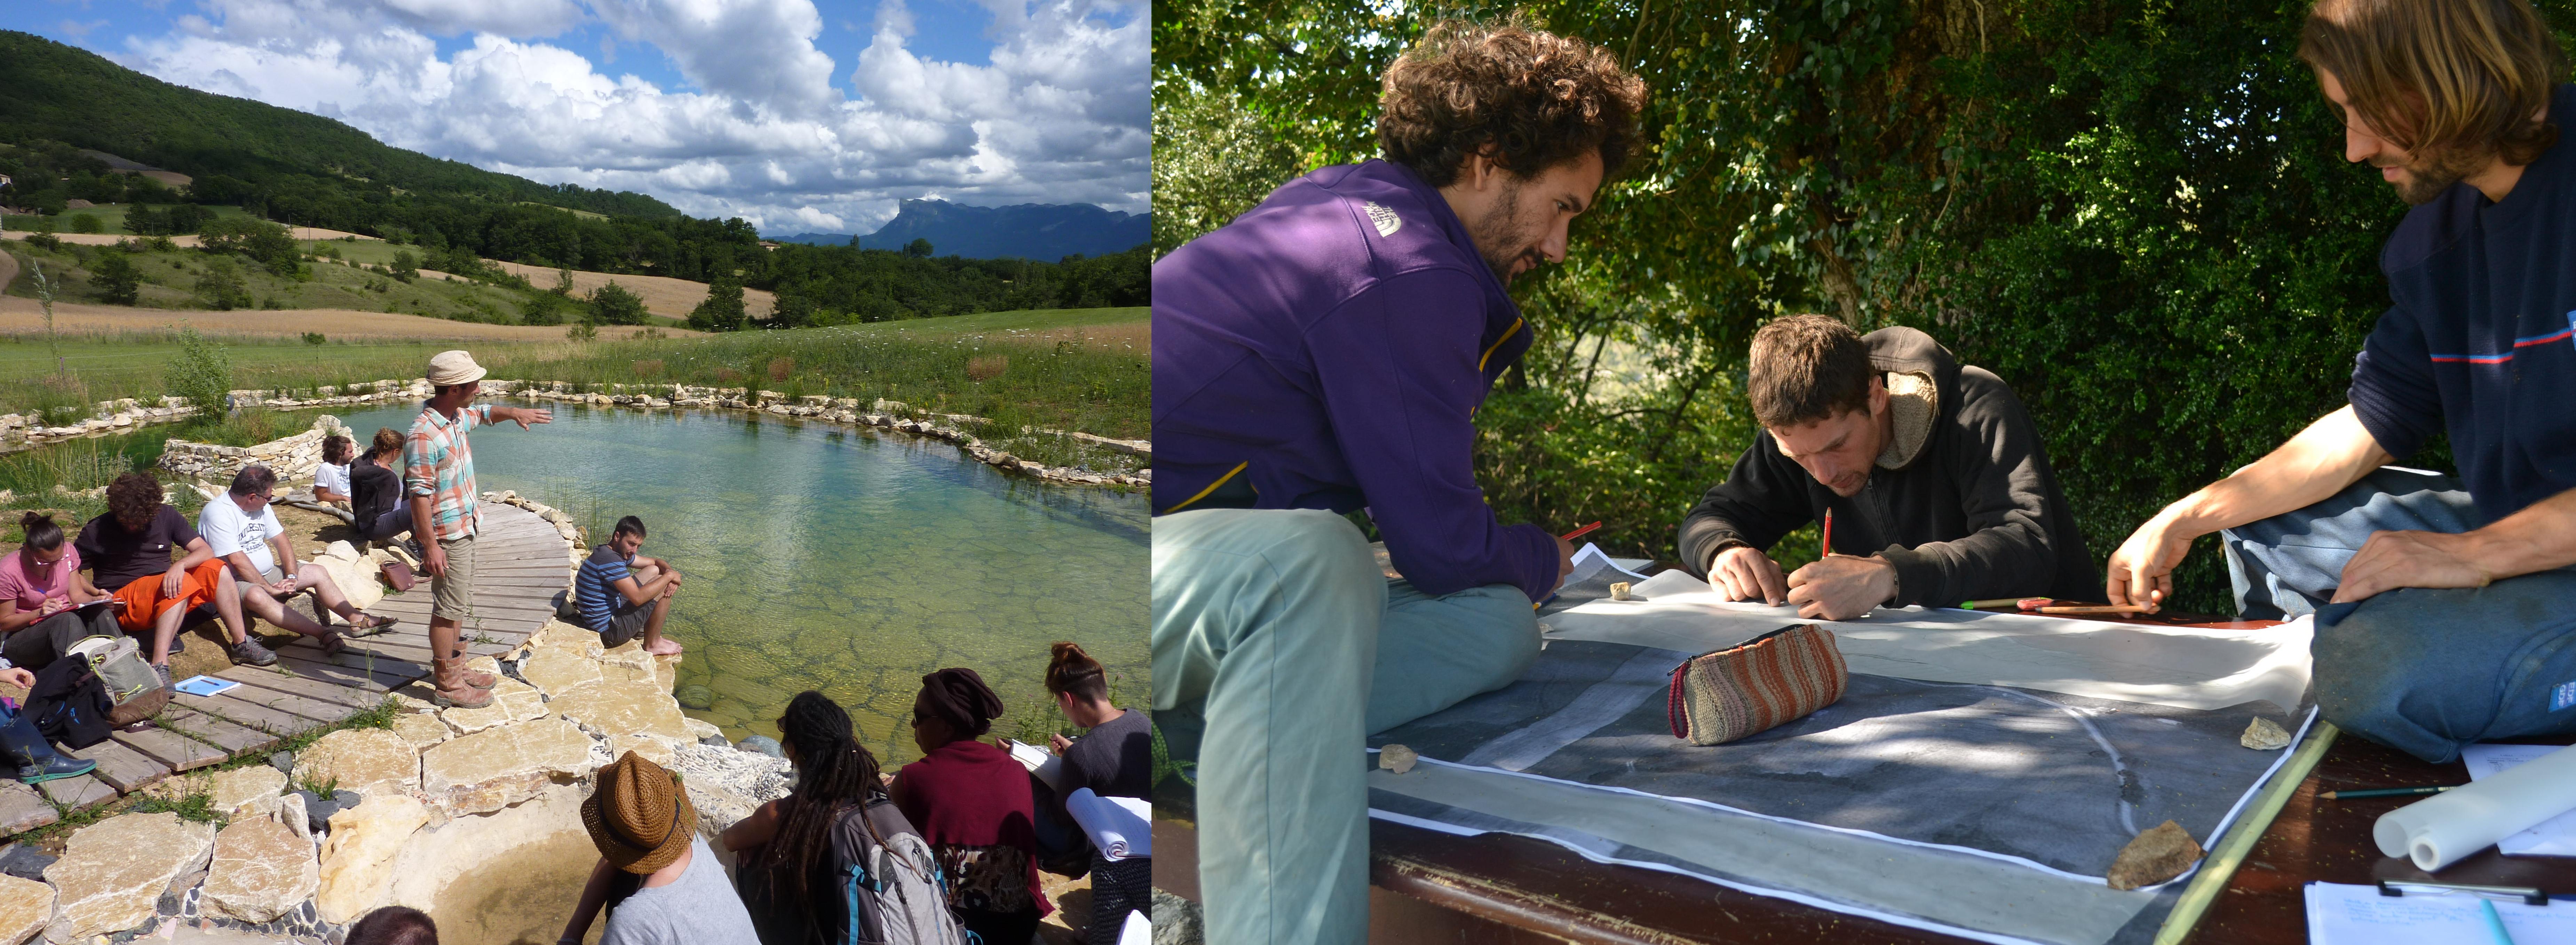 L'eau : concevoir un paysage fertile @ Les jardins de la grange